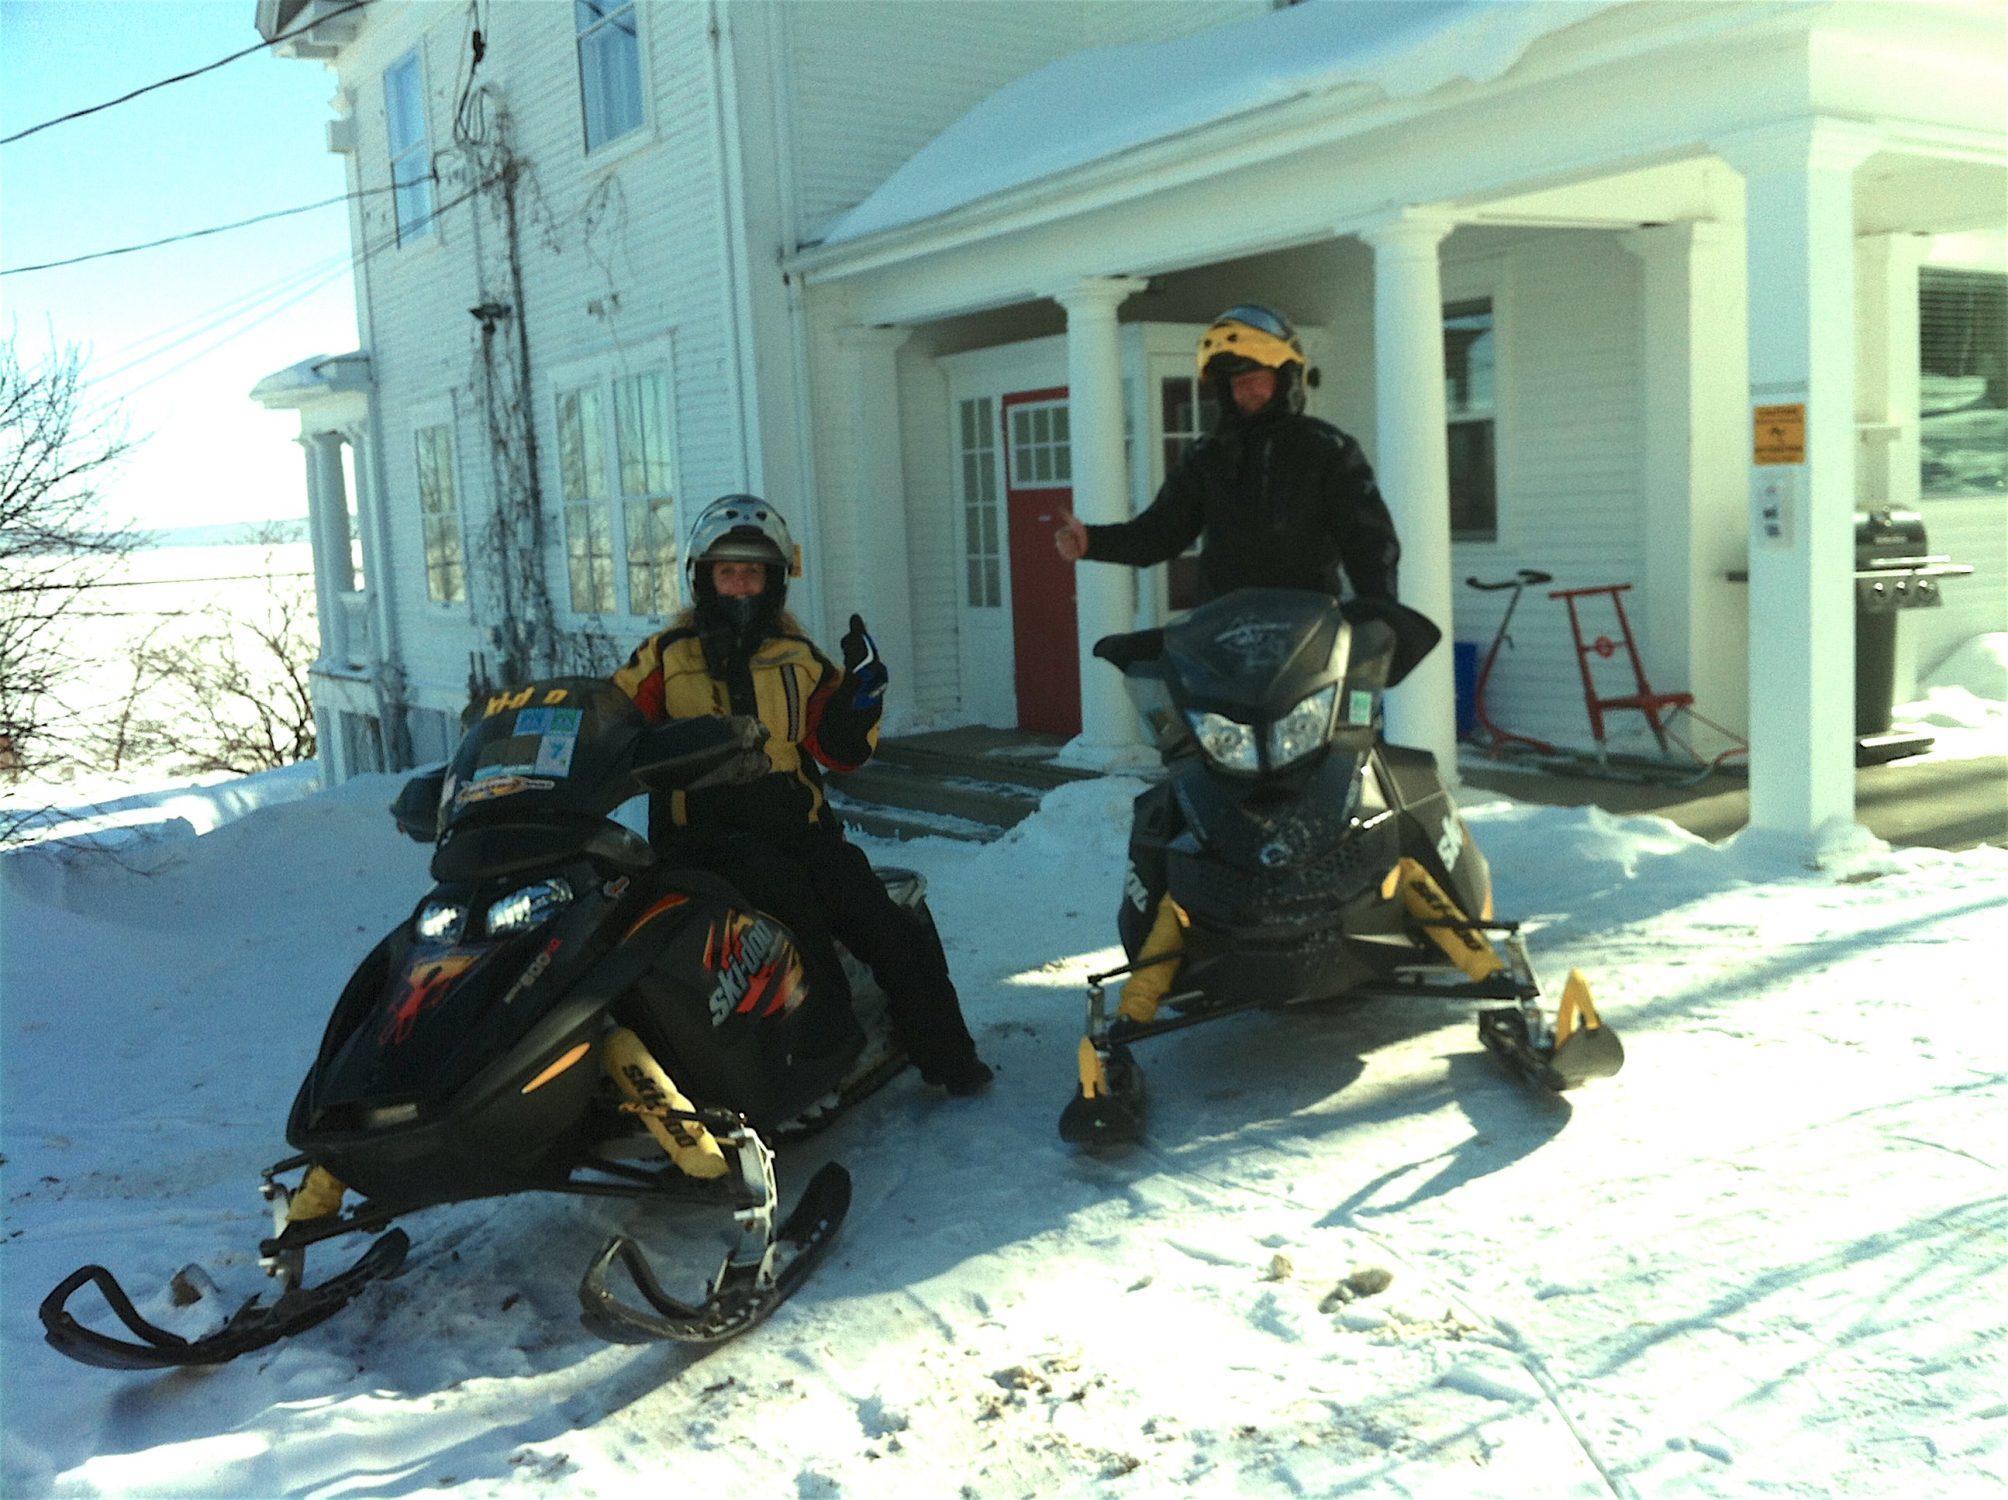 Snowmobile couple in front of the Presidents' Suites Villa. Several loops are possible from Haileybury. / Un couple en motoneige devant la Villa des Suites des Présidents. Plusieurs boucles sont possibles à partir de Temiskaming Shores.